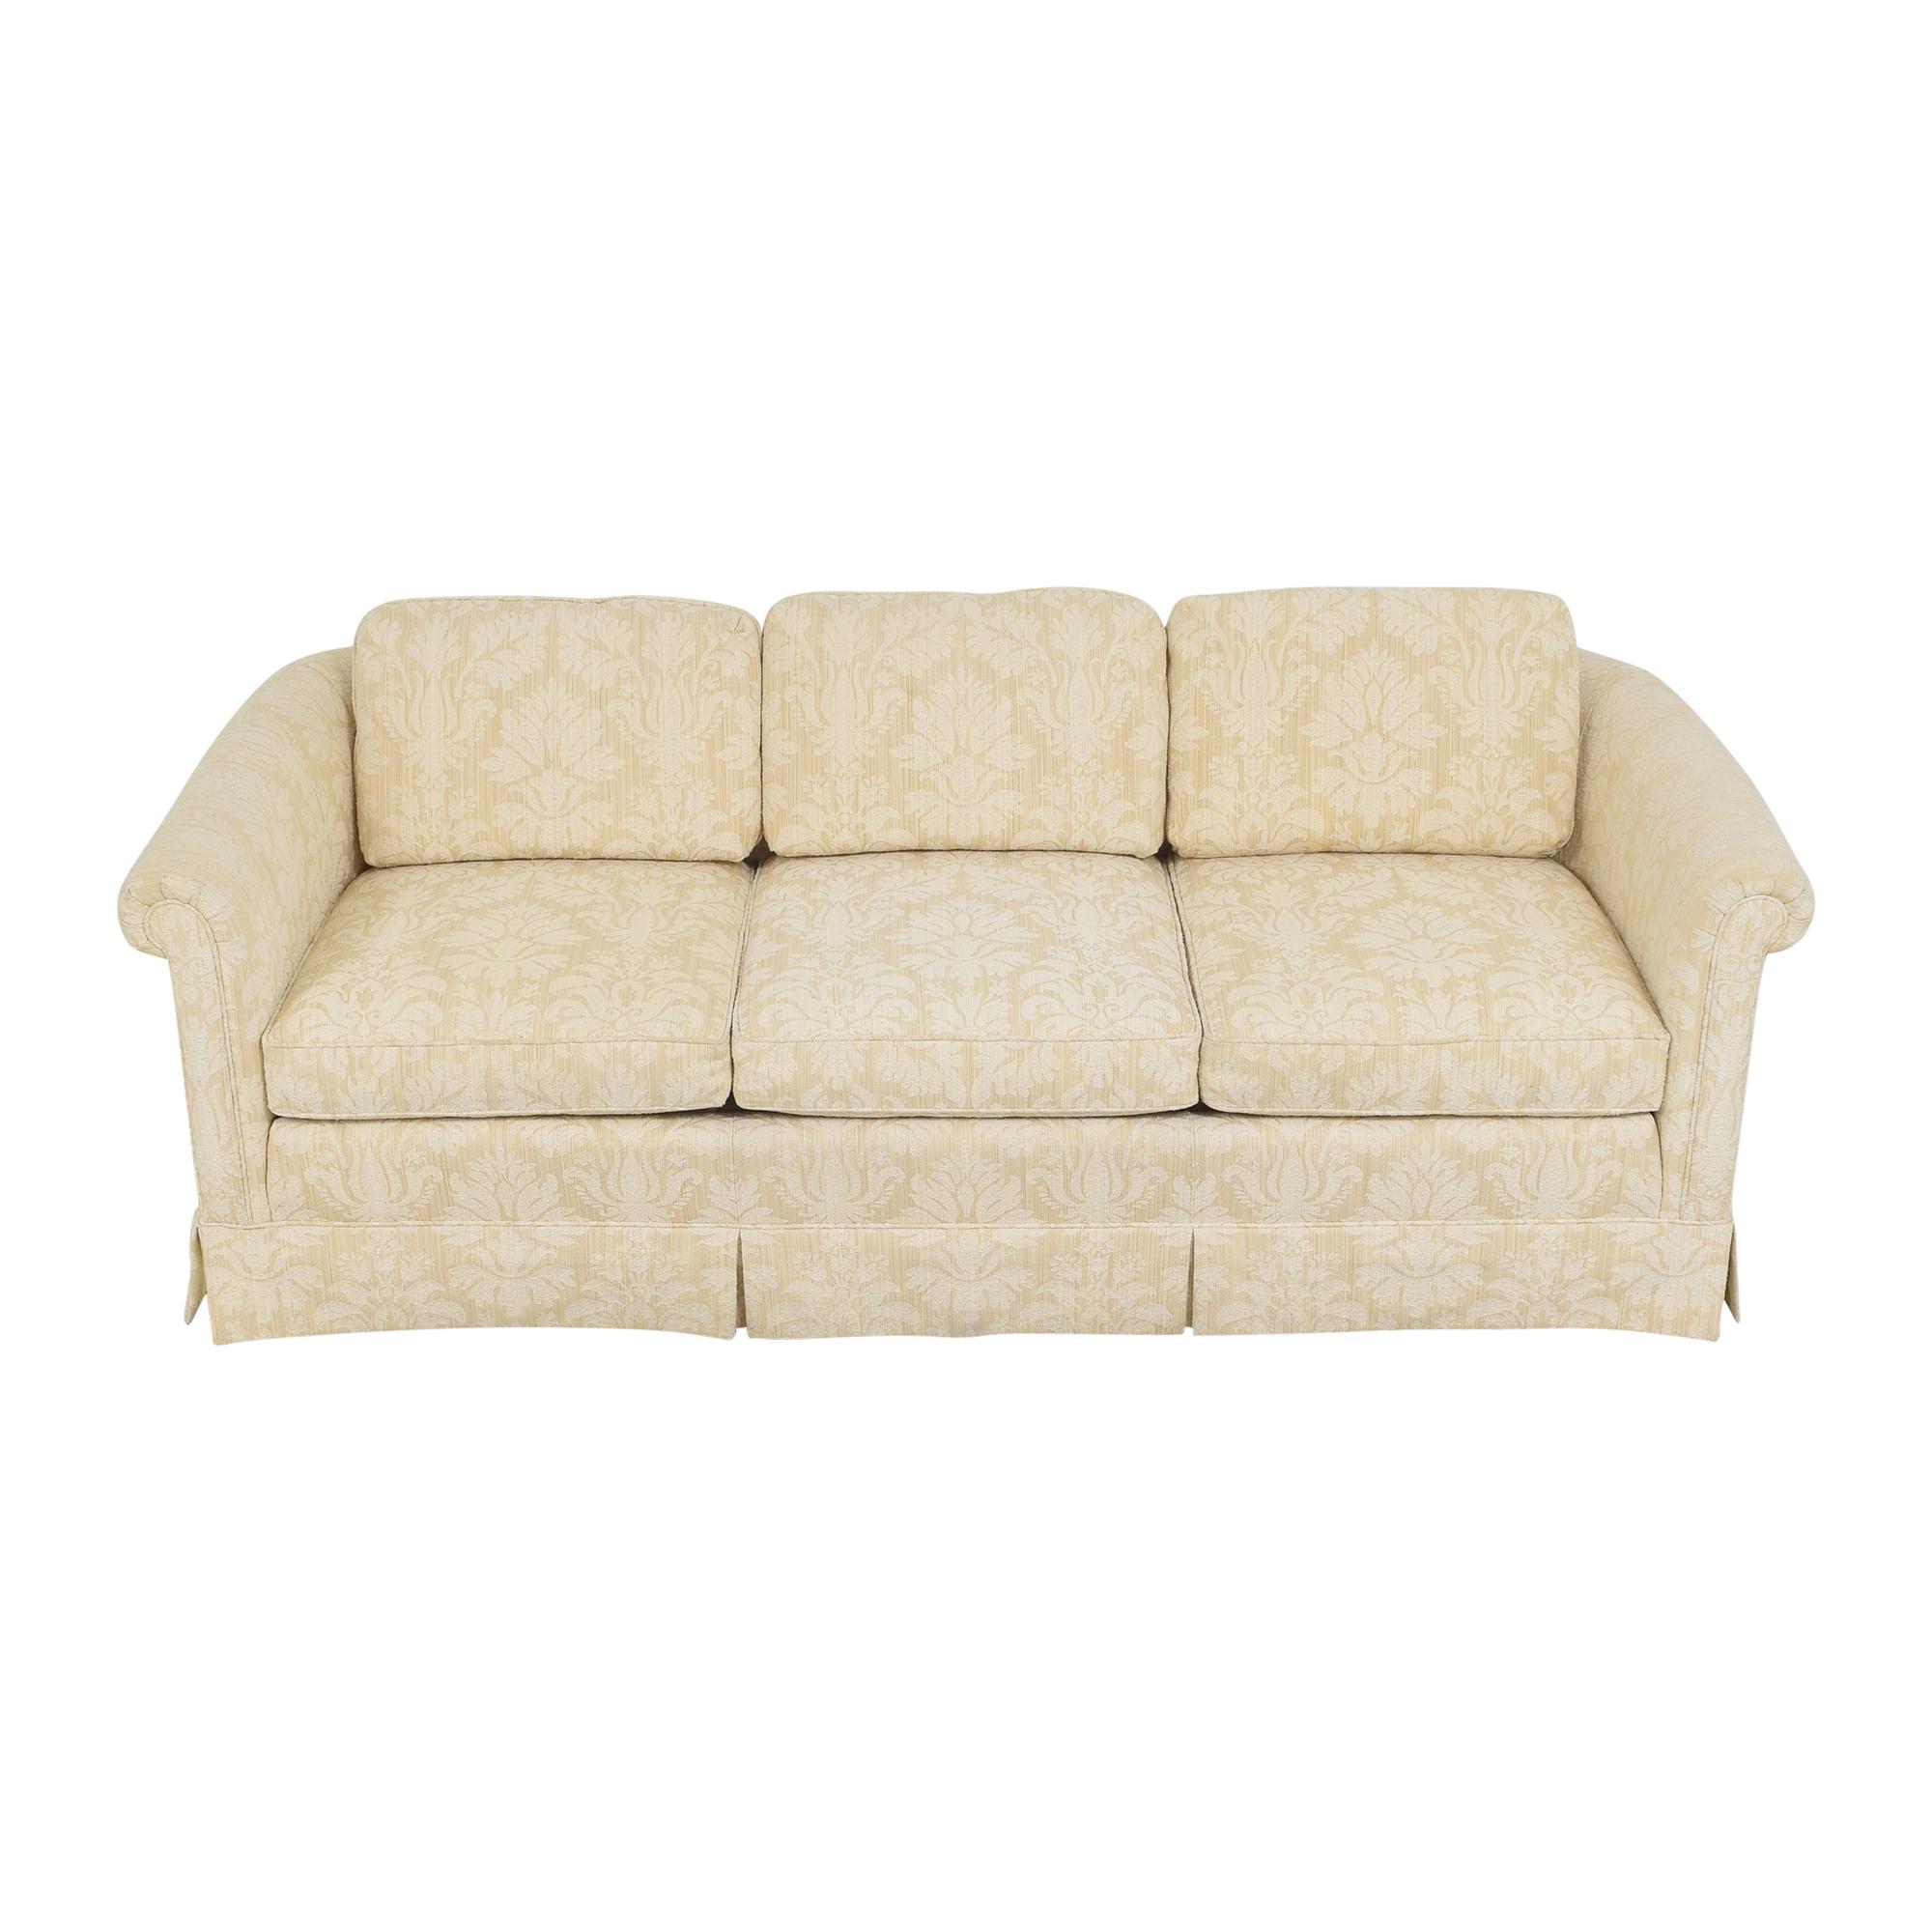 Baker Furniture Baker Furniture Skirted Damask Sofa second hand